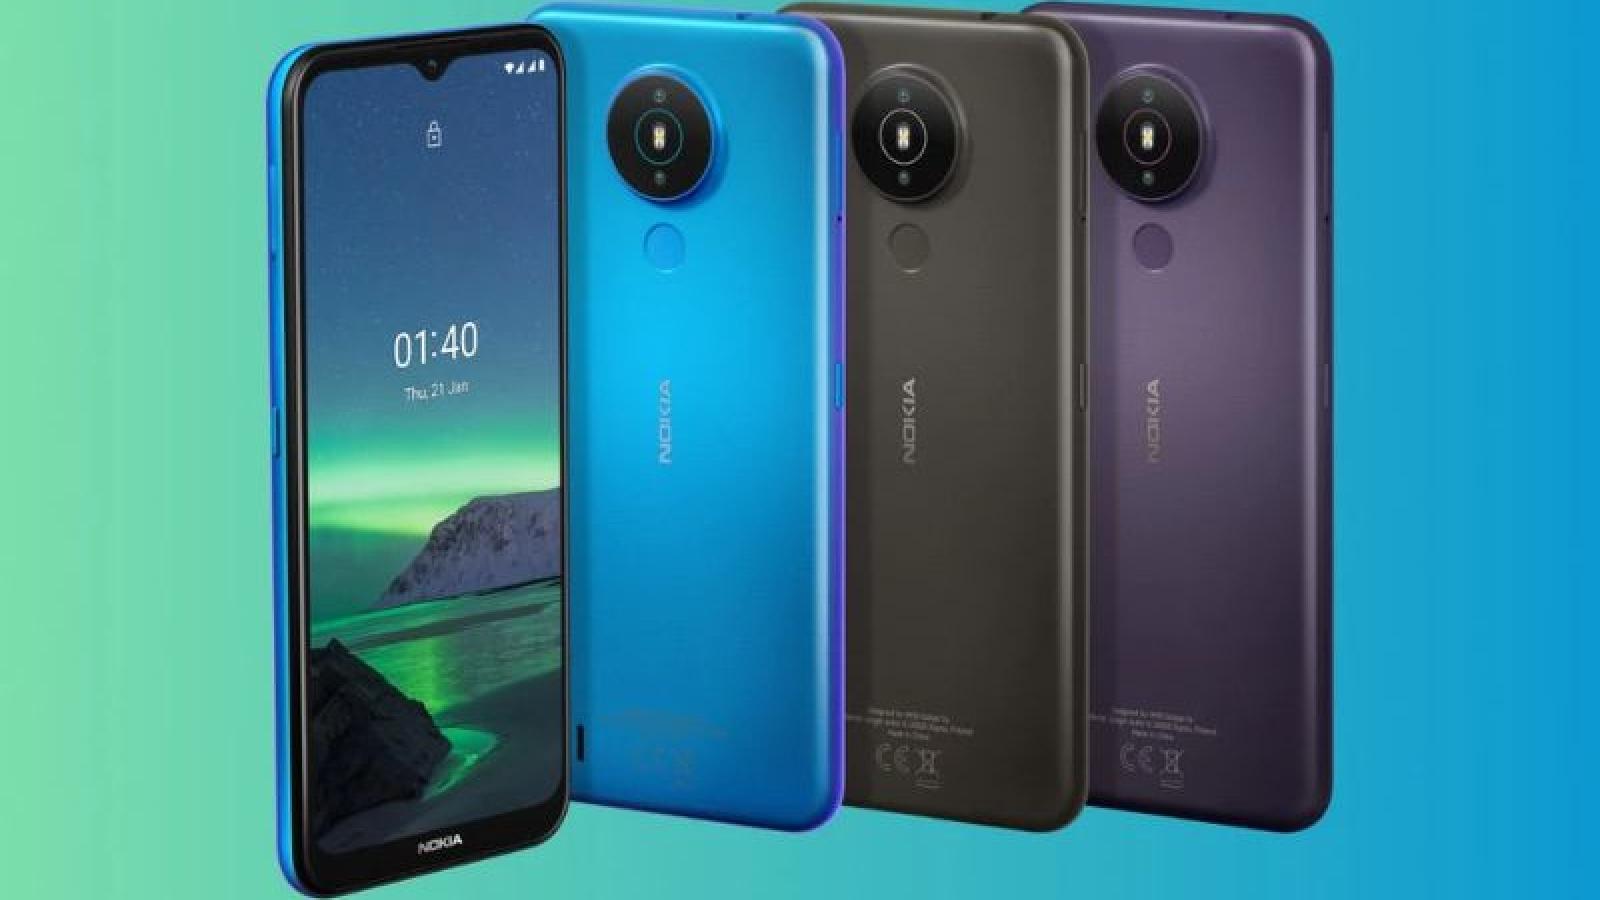 """Nokia 1.4 ra mắt với màn hình 6,51 inch, pin """"trâu"""", giá chỉ 2,74 triệu đồng"""